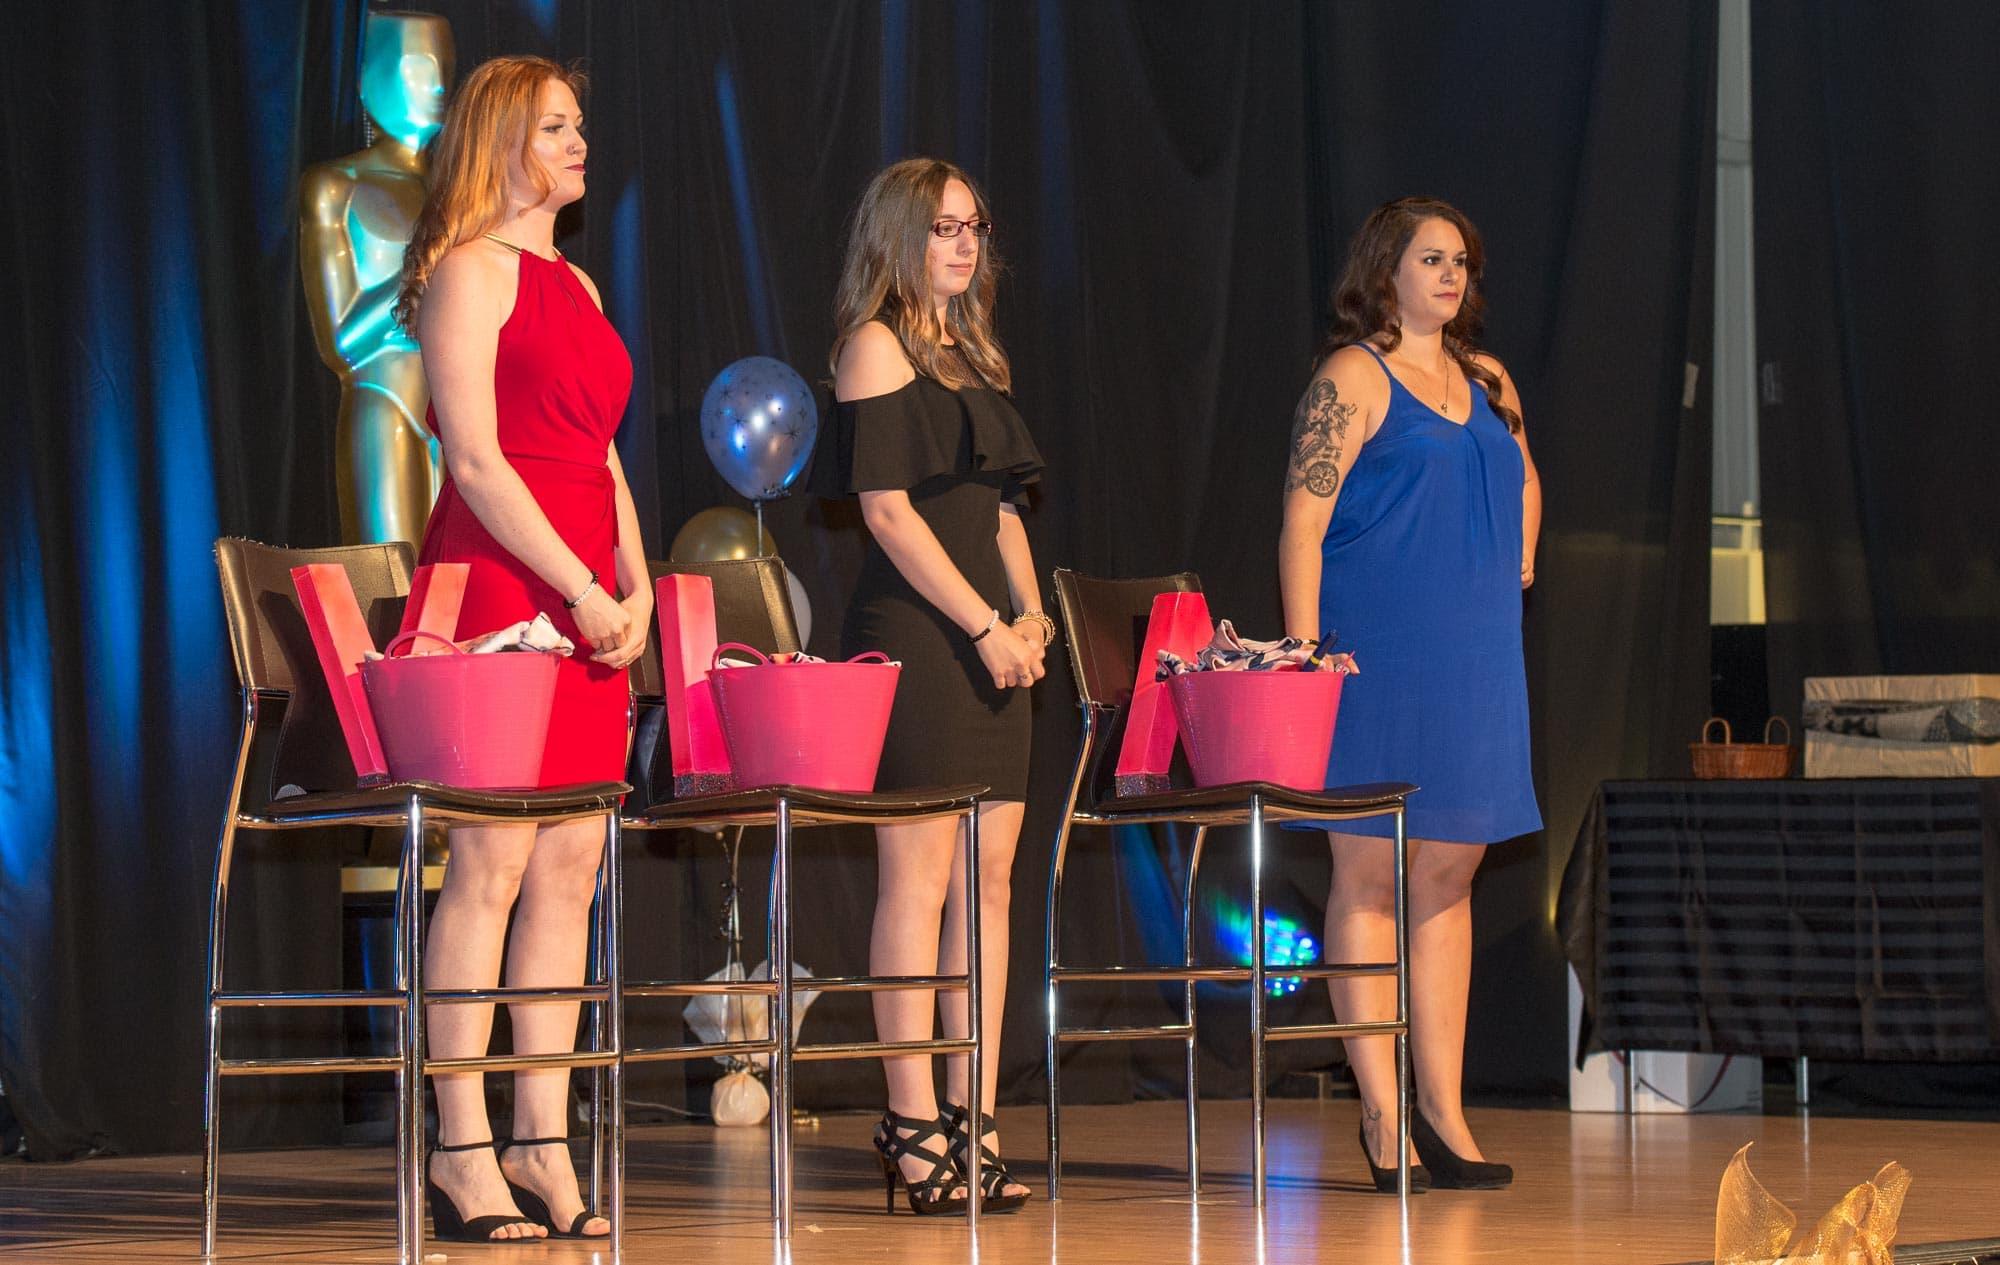 La soirée a été animée par trois enseignantes de français de Saint-Stanislas, Kim Veilleux, Roxanne Lalonde et Véronique Alarie.